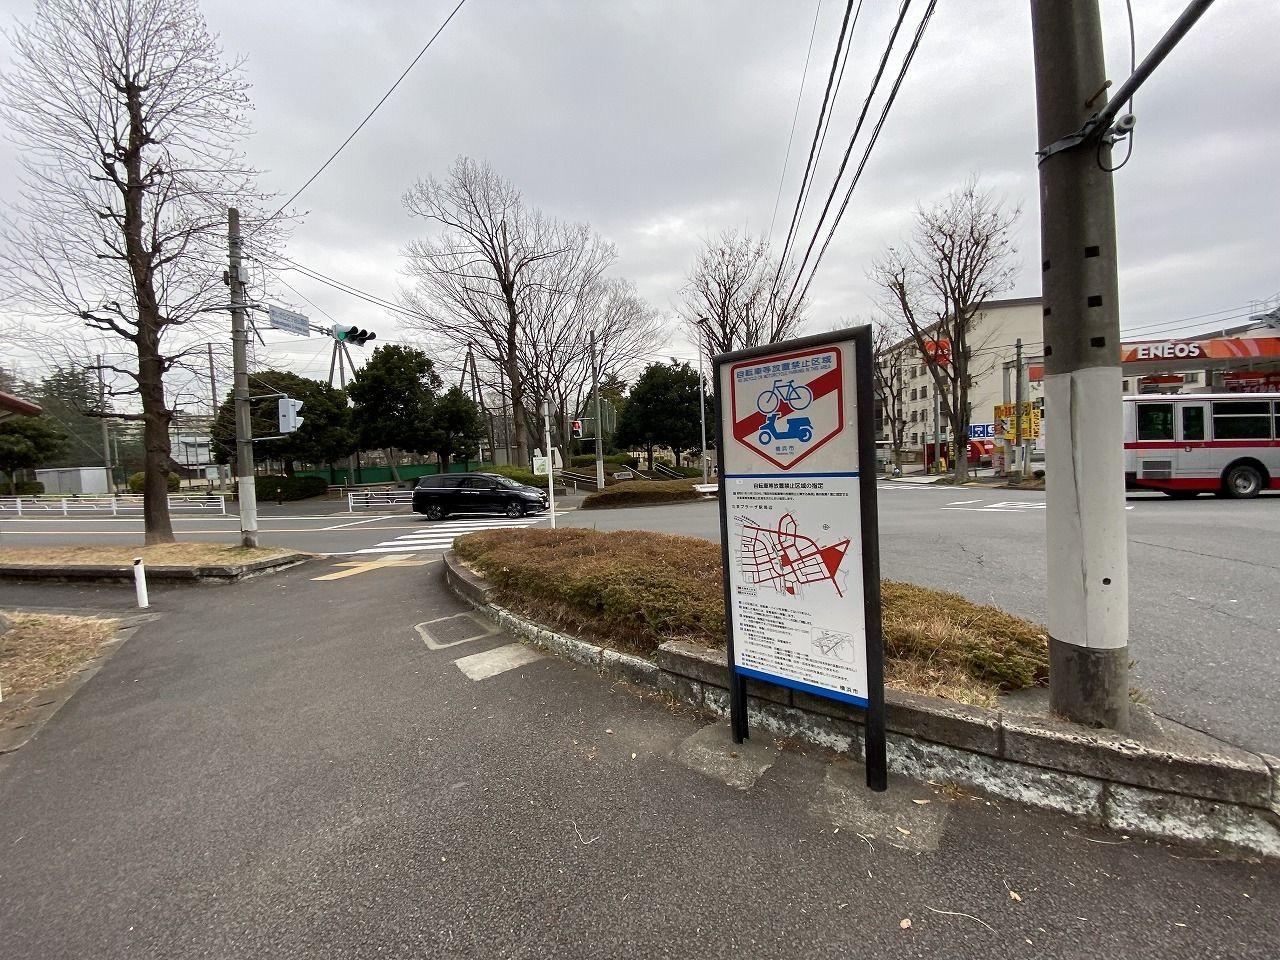 たまプラーザ駅周辺の自転車放置禁止区域の指定